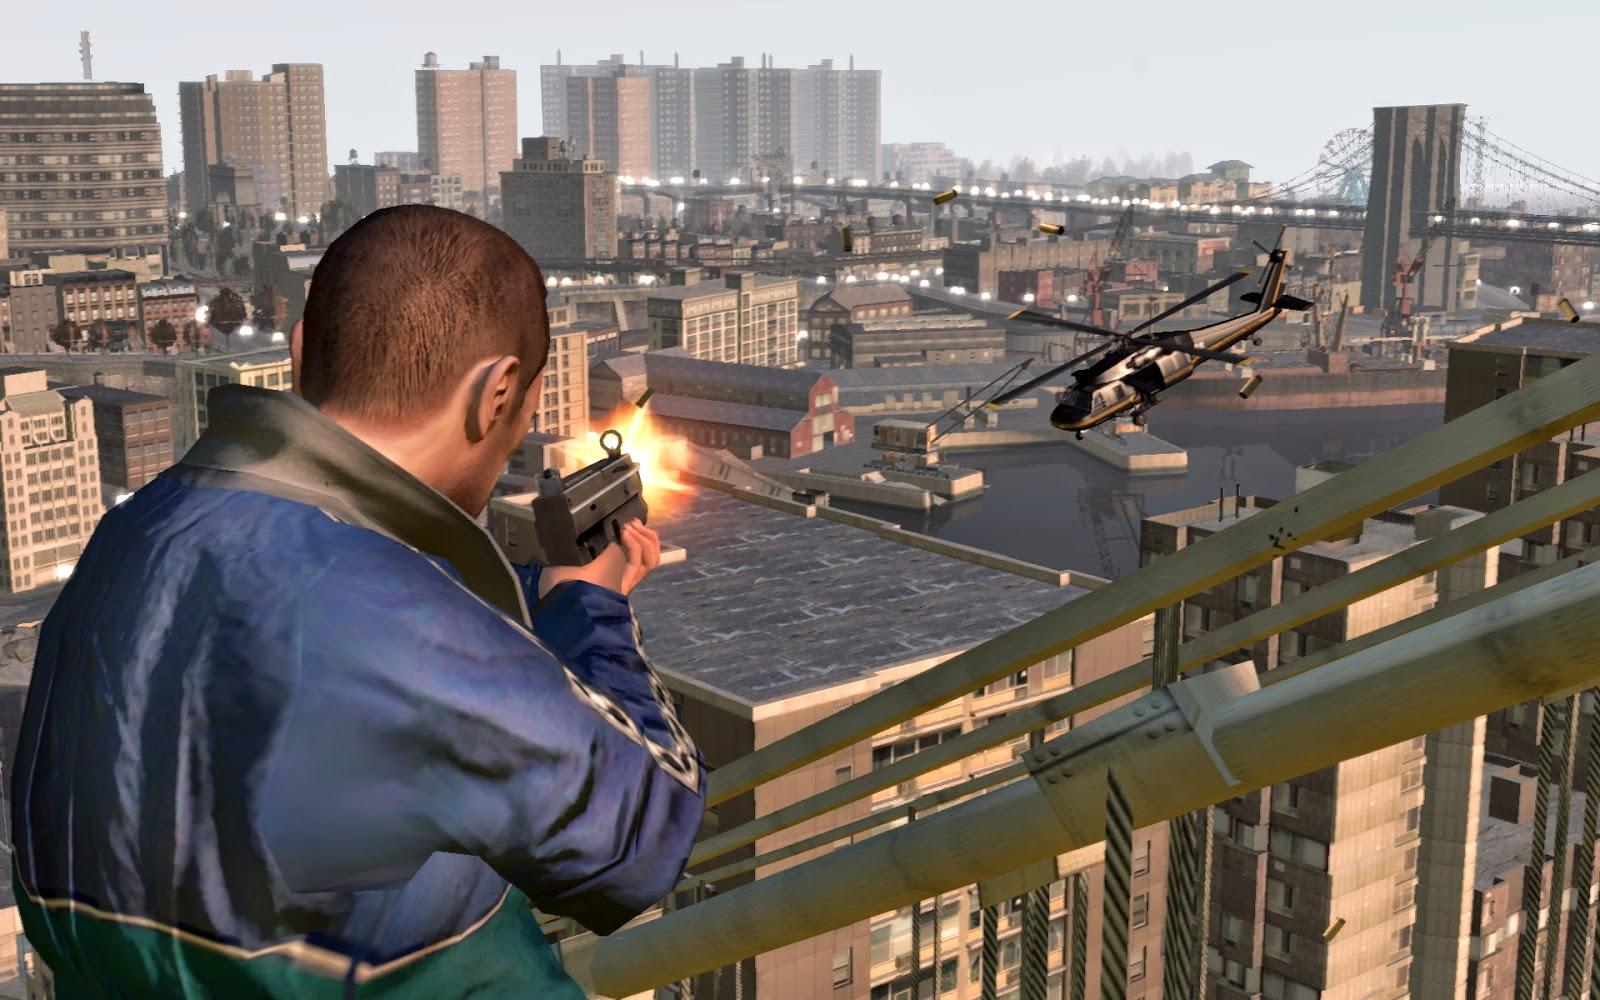 تحميل-لعبة-Grand-Theft-Auto-IV-بروابط-مباشرة-وبدون-تثبيت